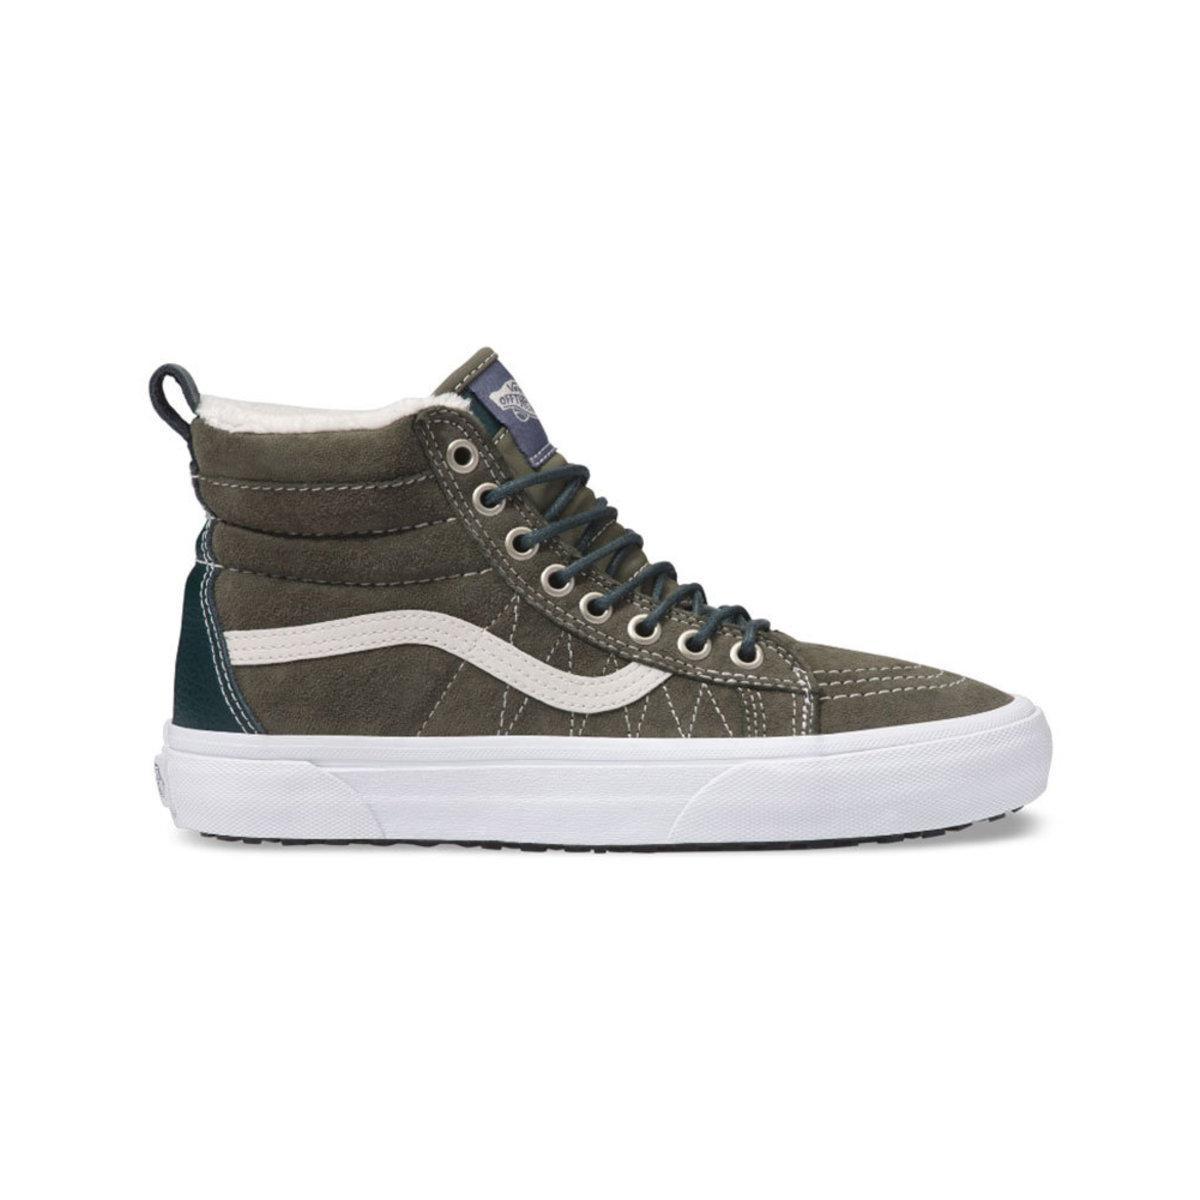 3875fd89fbd Lyst - Vans Sk8-hi Mte Skate Shoes – Womens